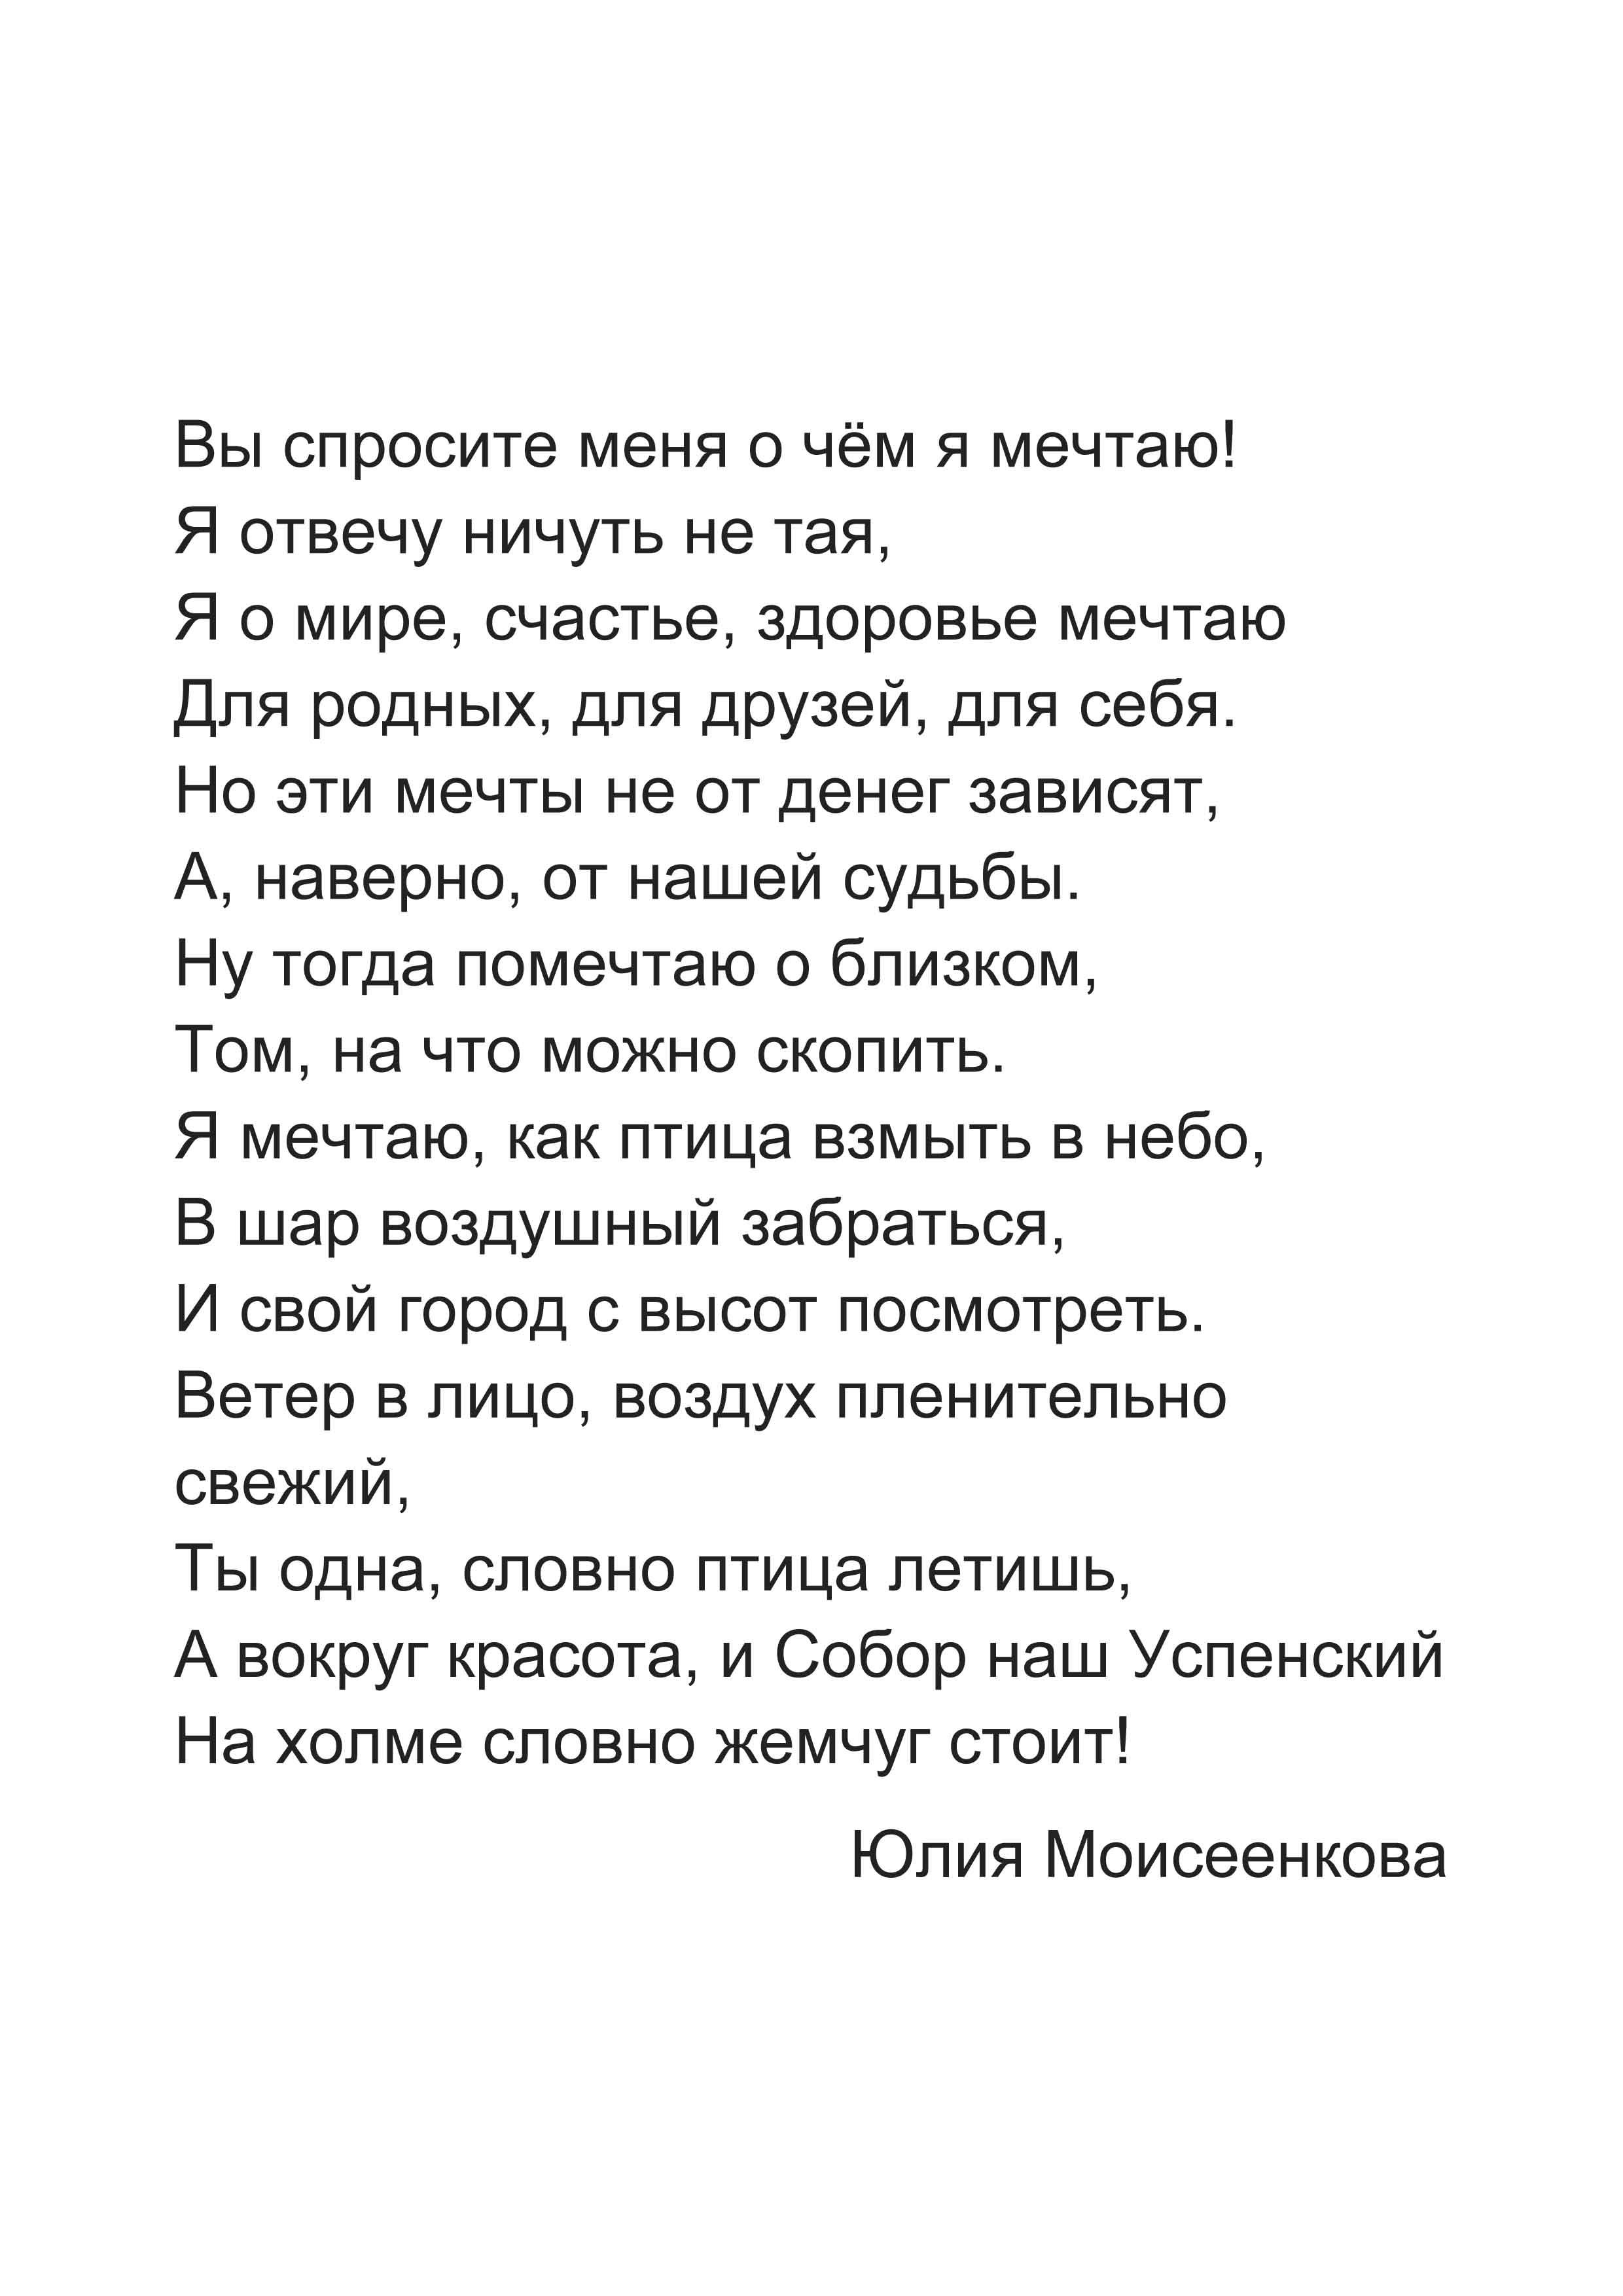 Юлия Моисеенкова